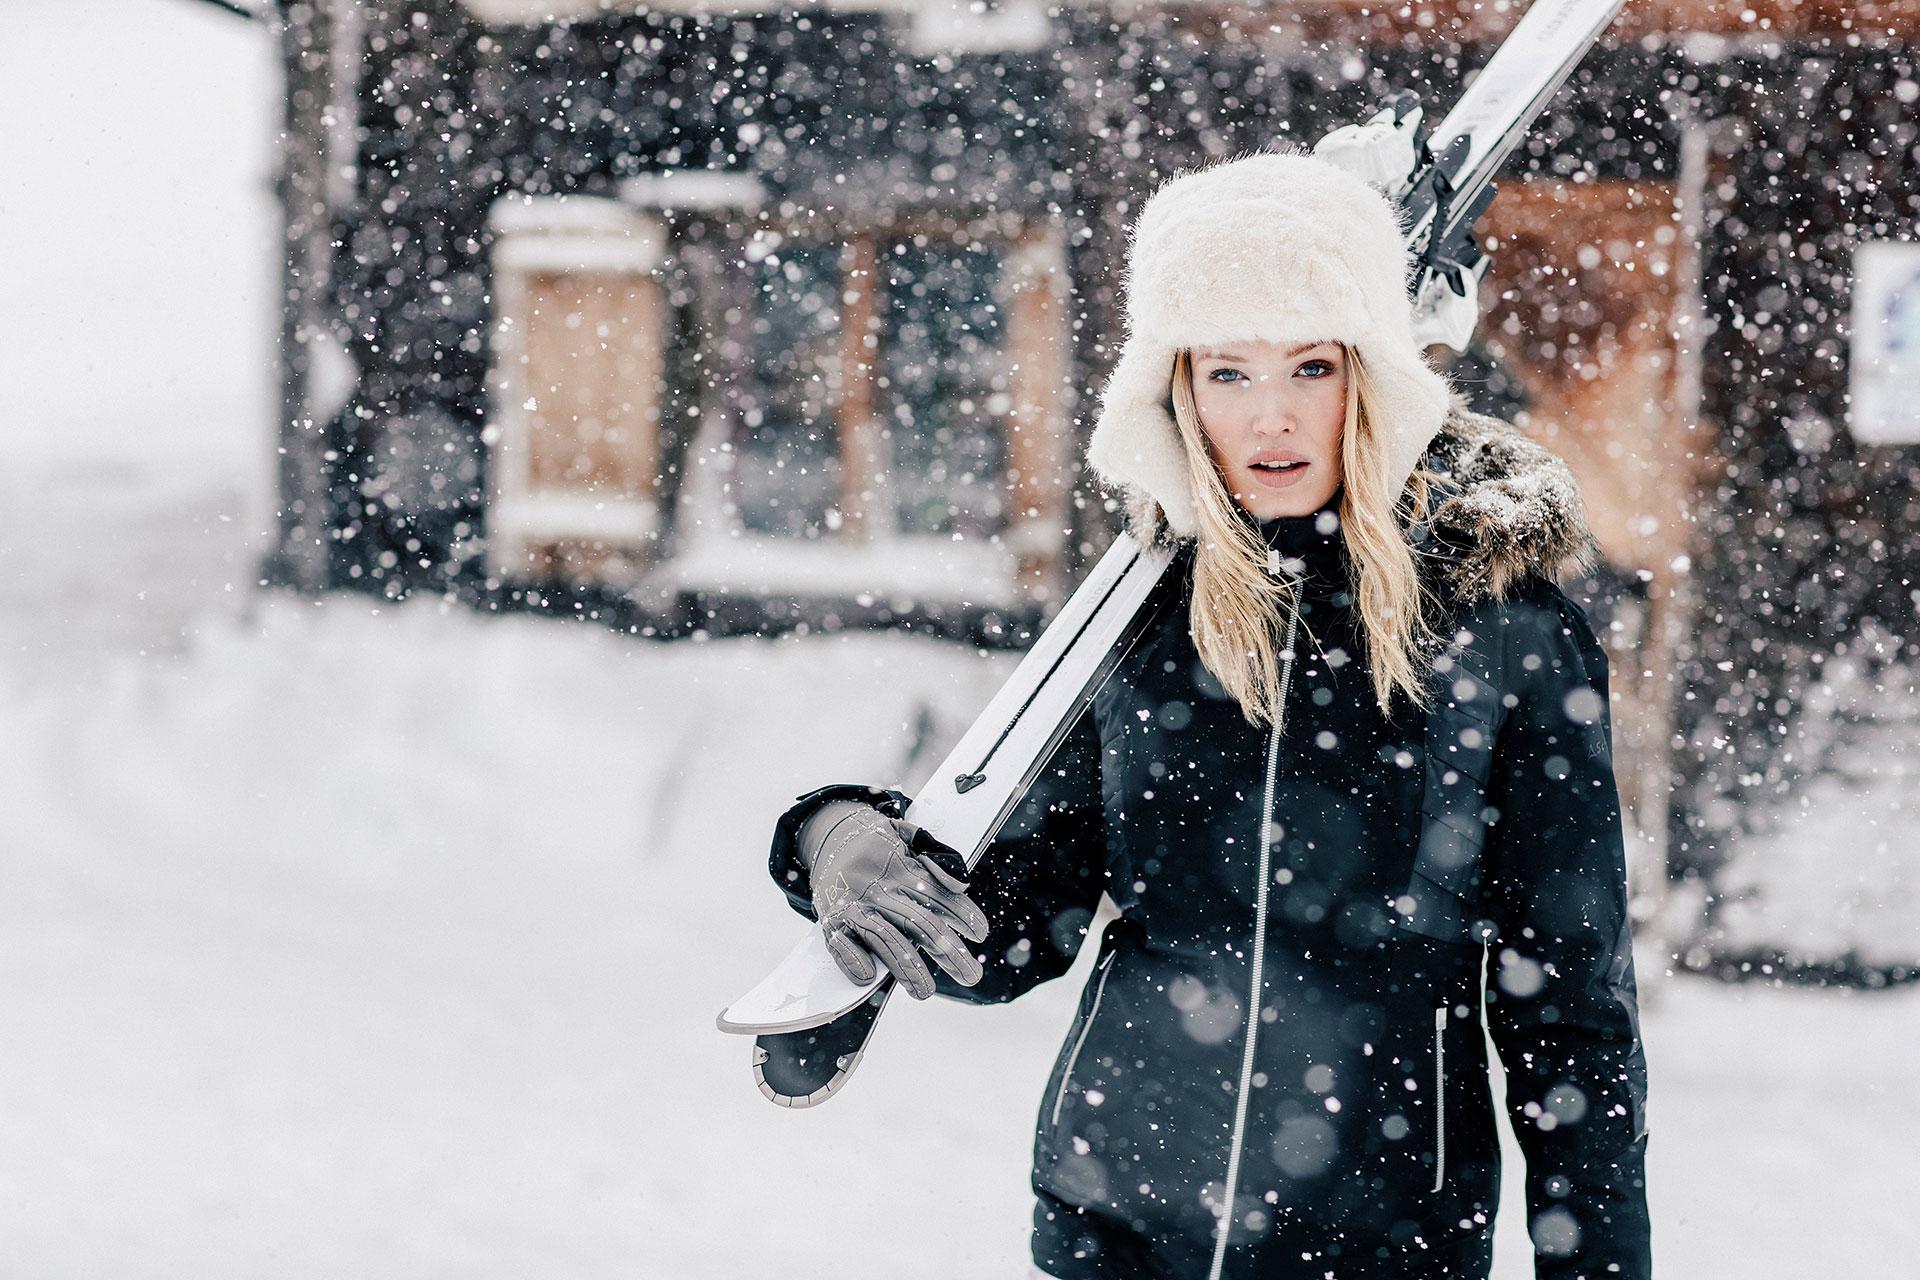 Skimode Winter Fotograf Katalog Schöffel Fotoproduktion Schweiz London